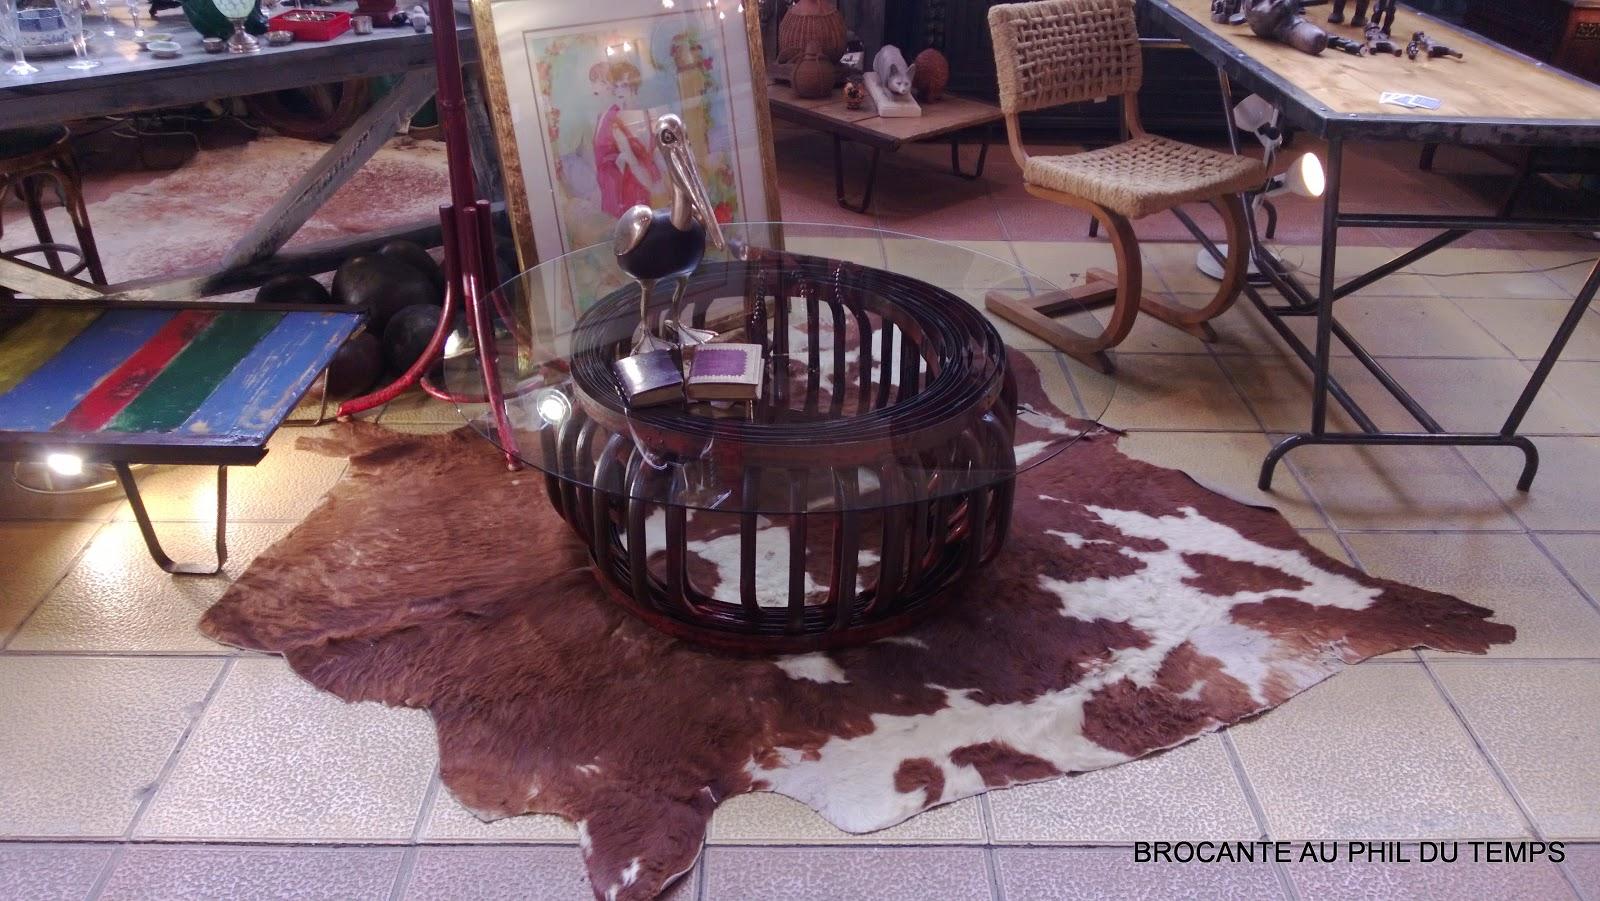 brocante d coration un nouveau monde table basse industrielle chelle de pompier. Black Bedroom Furniture Sets. Home Design Ideas